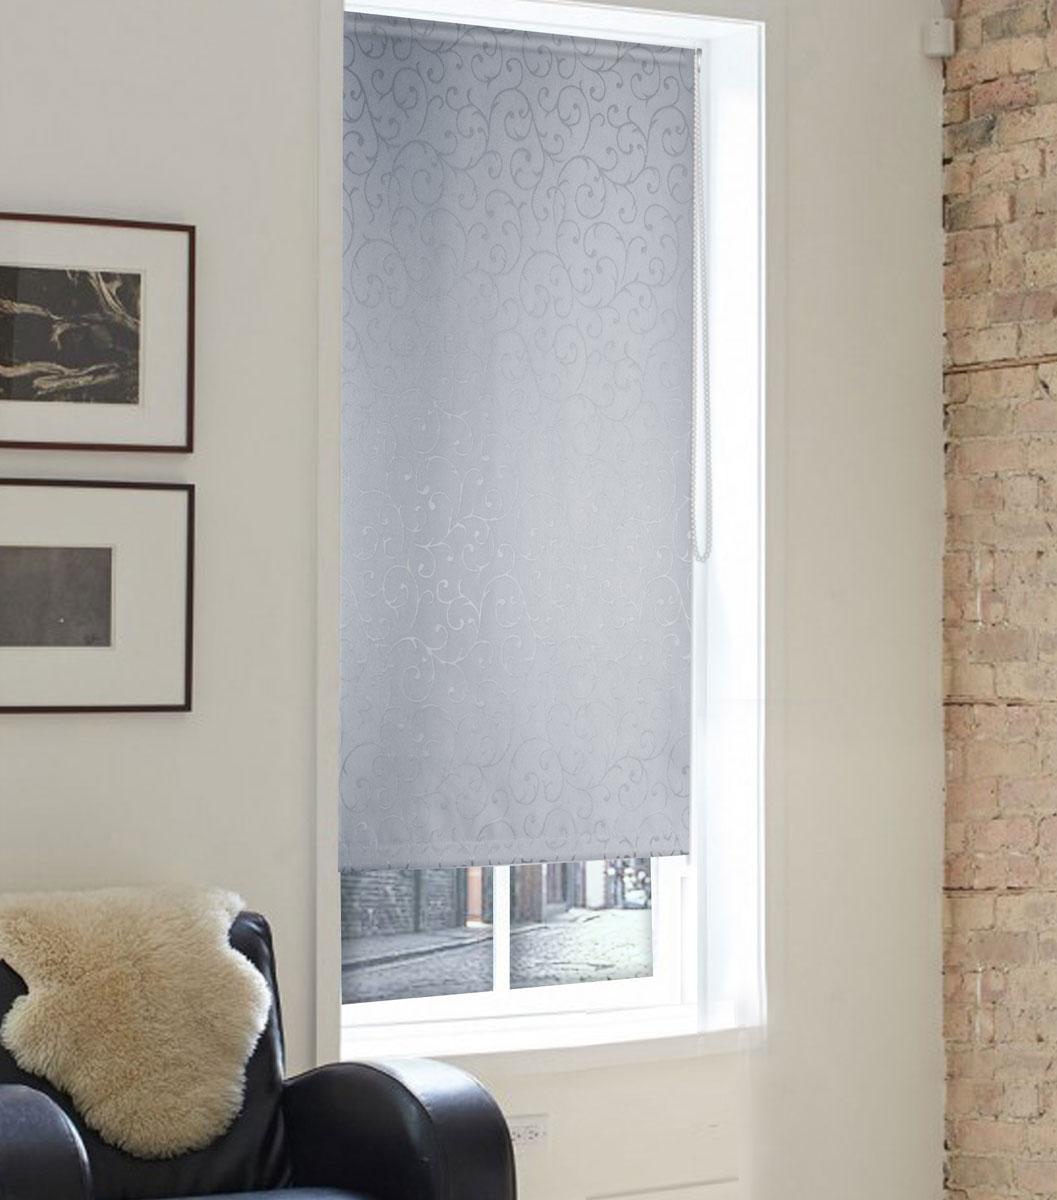 Штора рулонная Эскар Миниролло. Агат, фактурная, цвет: серый, ширина 62 см, высота 160 см37022062160Рулонная штора Эскар Миниролло. Агат выполнена из высокопрочной ткани, которая сохраняет свой размер даже при намокании. Ткань не выцветает и обладает отличной цветоустойчивостью. Миниролло - это подвид рулонных штор, который закрывает не весь оконный проем, а непосредственно само стекло. Такие шторы крепятся на раму без сверления при помощи зажимов или клейкой двухсторонней ленты. Окно остается на гарантии, благодаря монтажу без сверления. Такая штора станет прекрасным элементом декора окна и гармонично впишется в интерьер любого помещения.